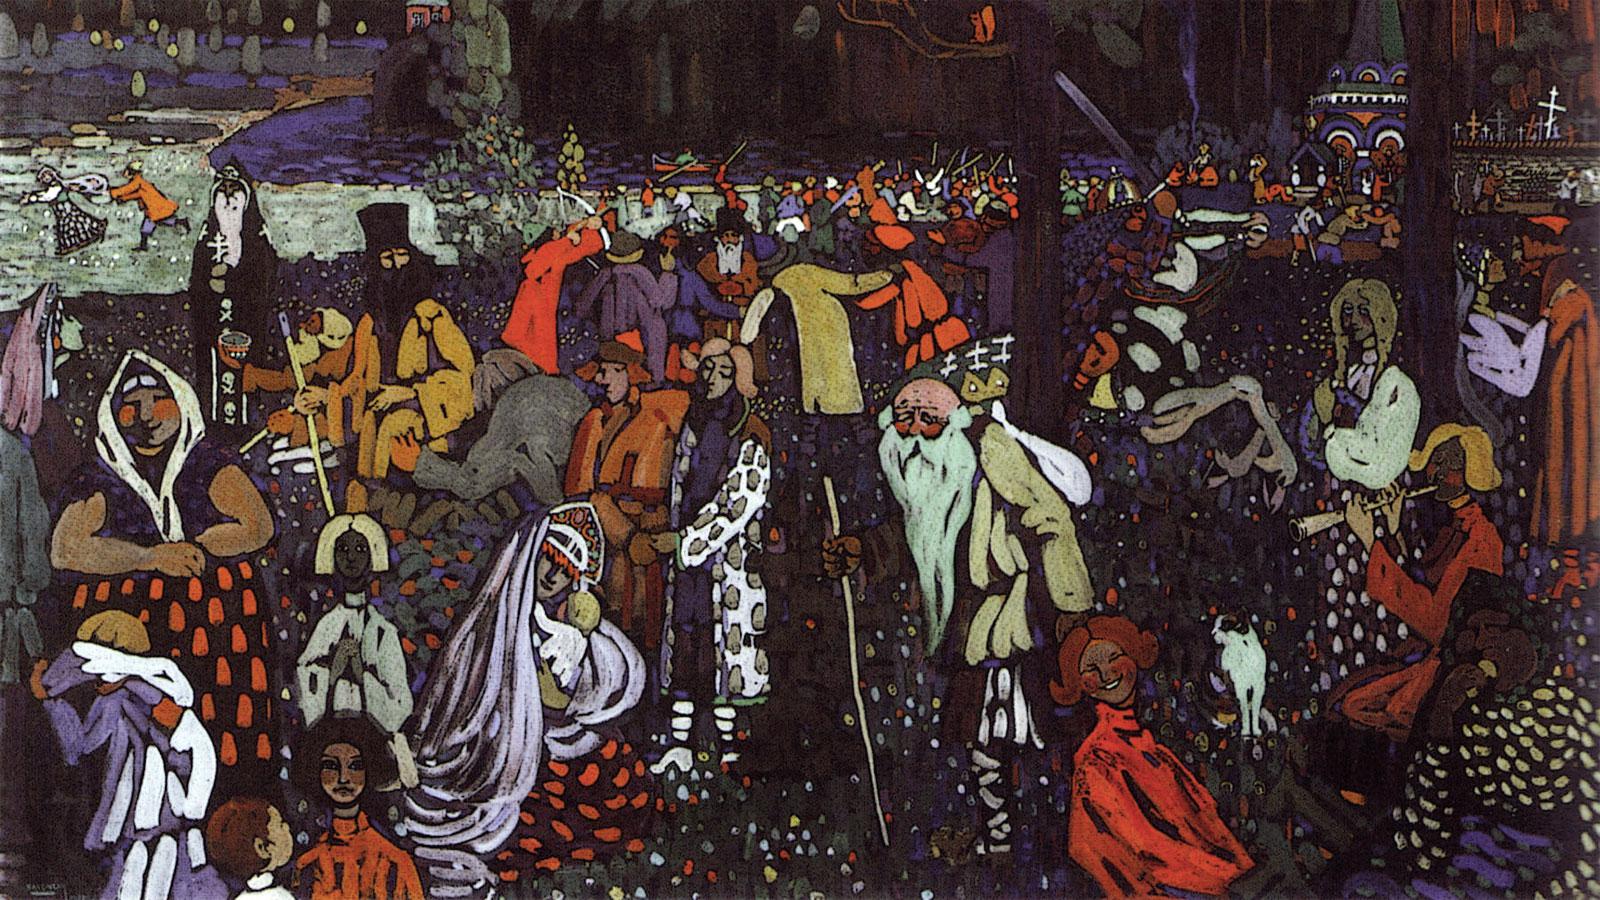 Kandinsky: Vita variopinta - dettaglio